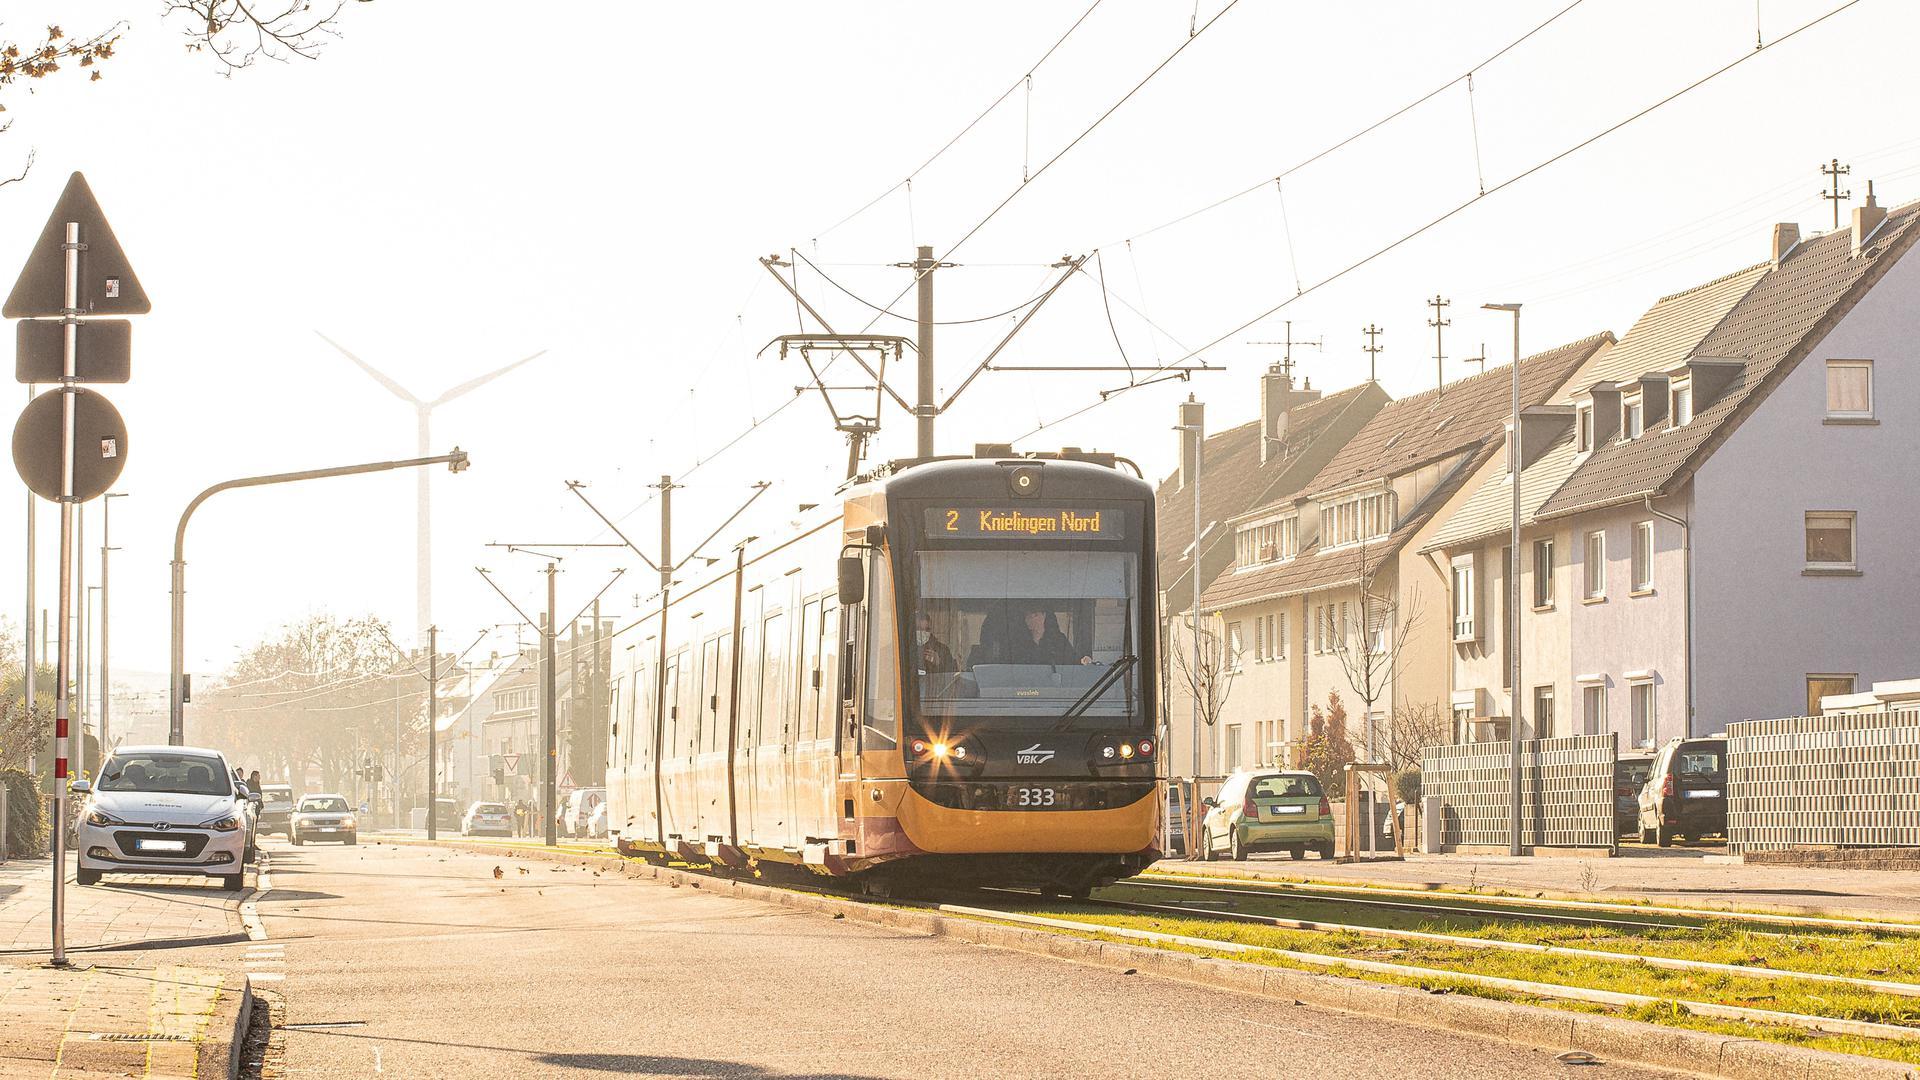 Der Anschluss beginnt und endet vor der Tür: Die Linie 2 fährt künftig vier Haltestellen mehr ab und bindet den Stadtteil Knielingen ans Tramnetz von Karlsruhe an.